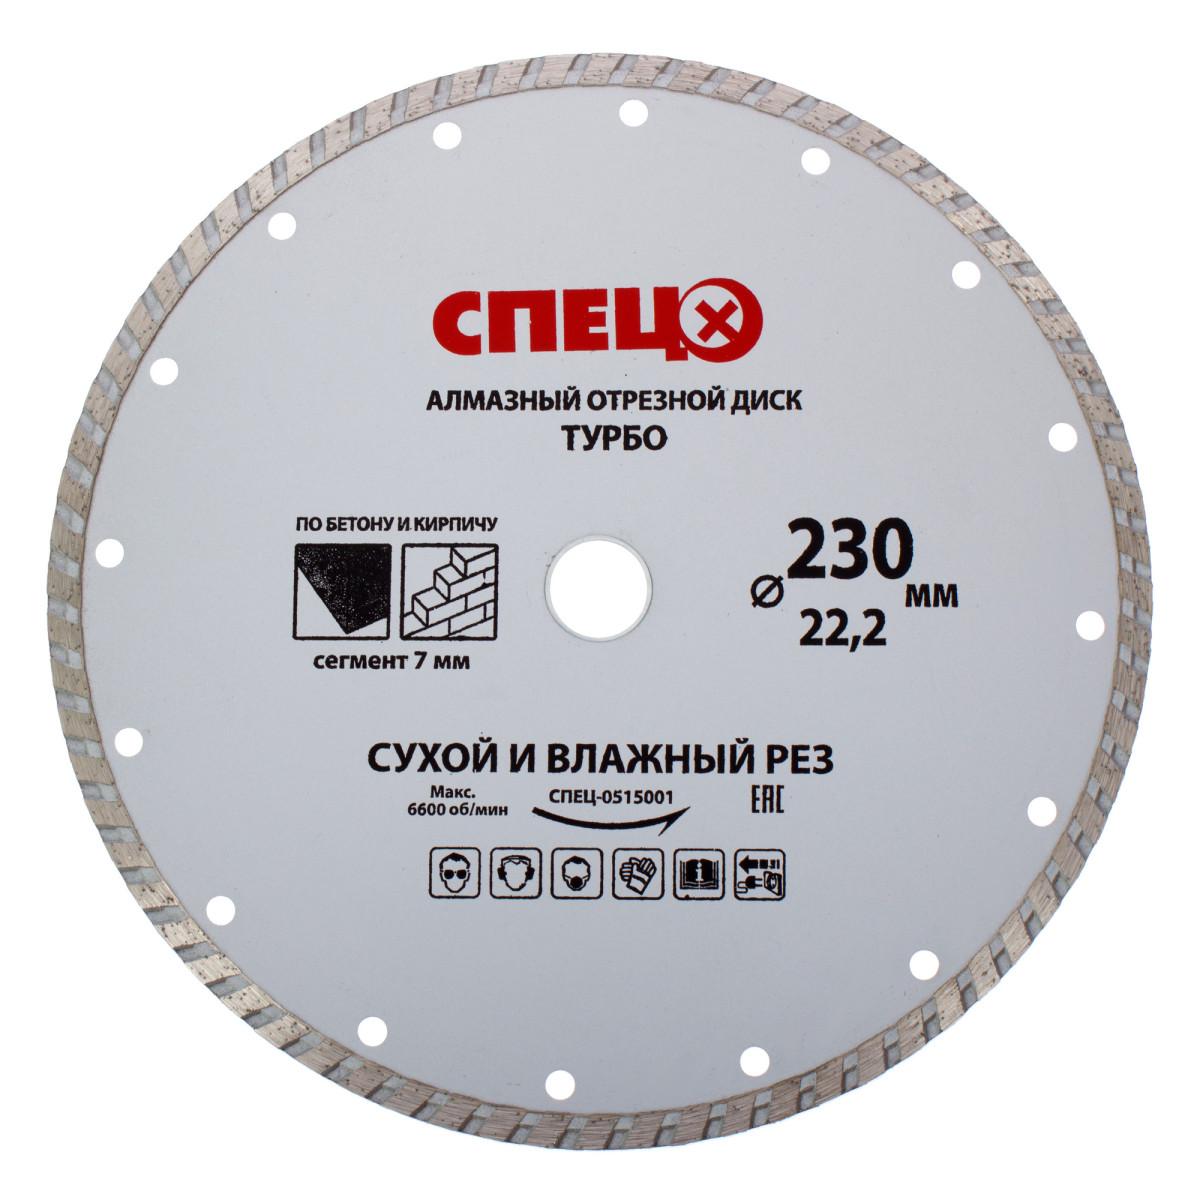 Диск алмазный Спец с повышенной производительностью 230х22.2x2.6 мм